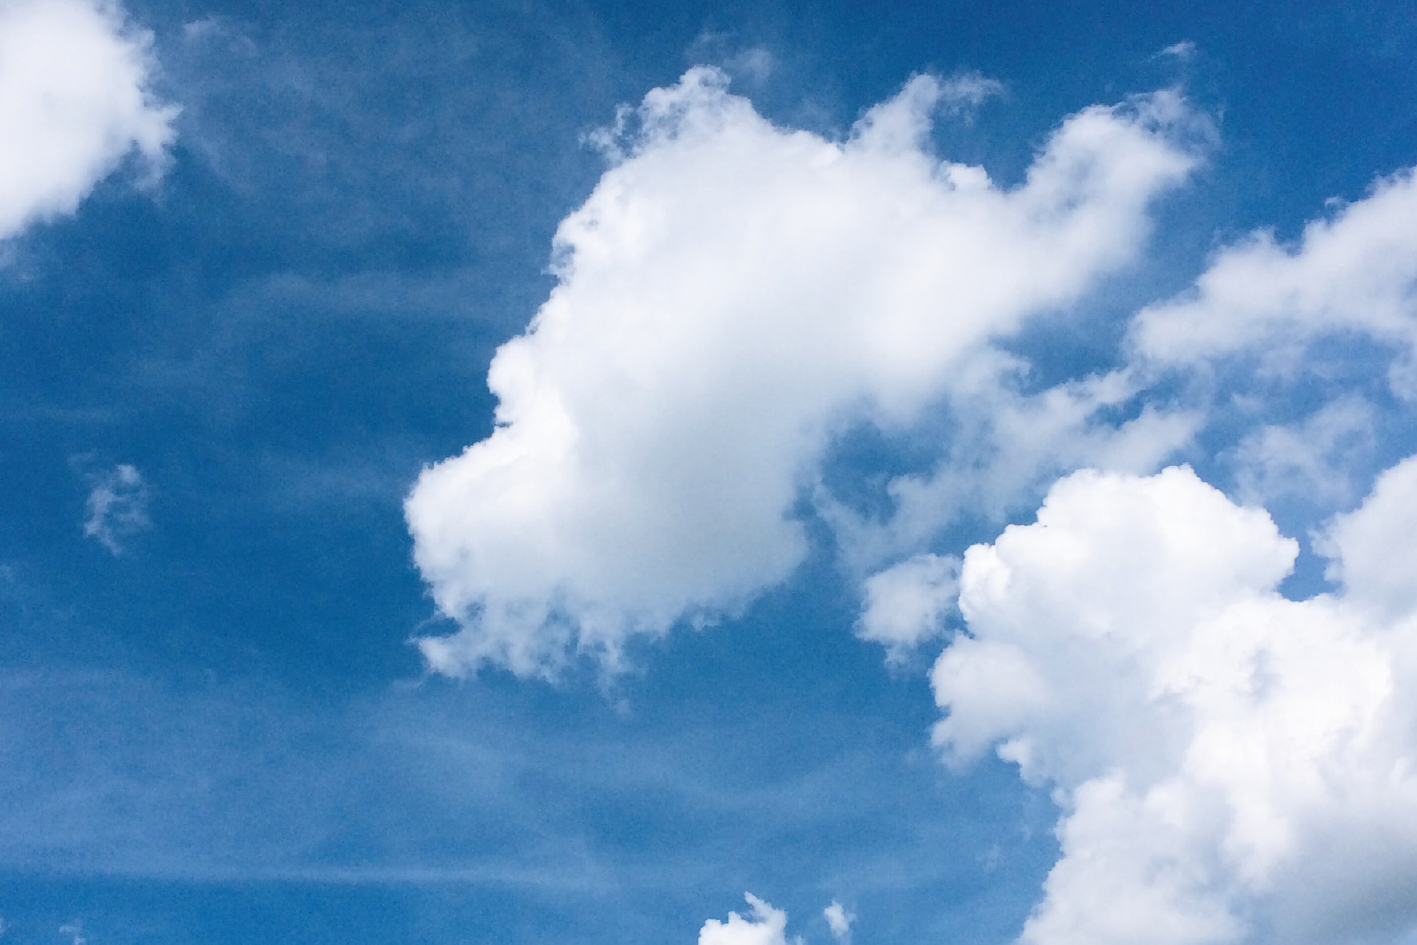 Wettergesprächs- und Smalltalk-Tag